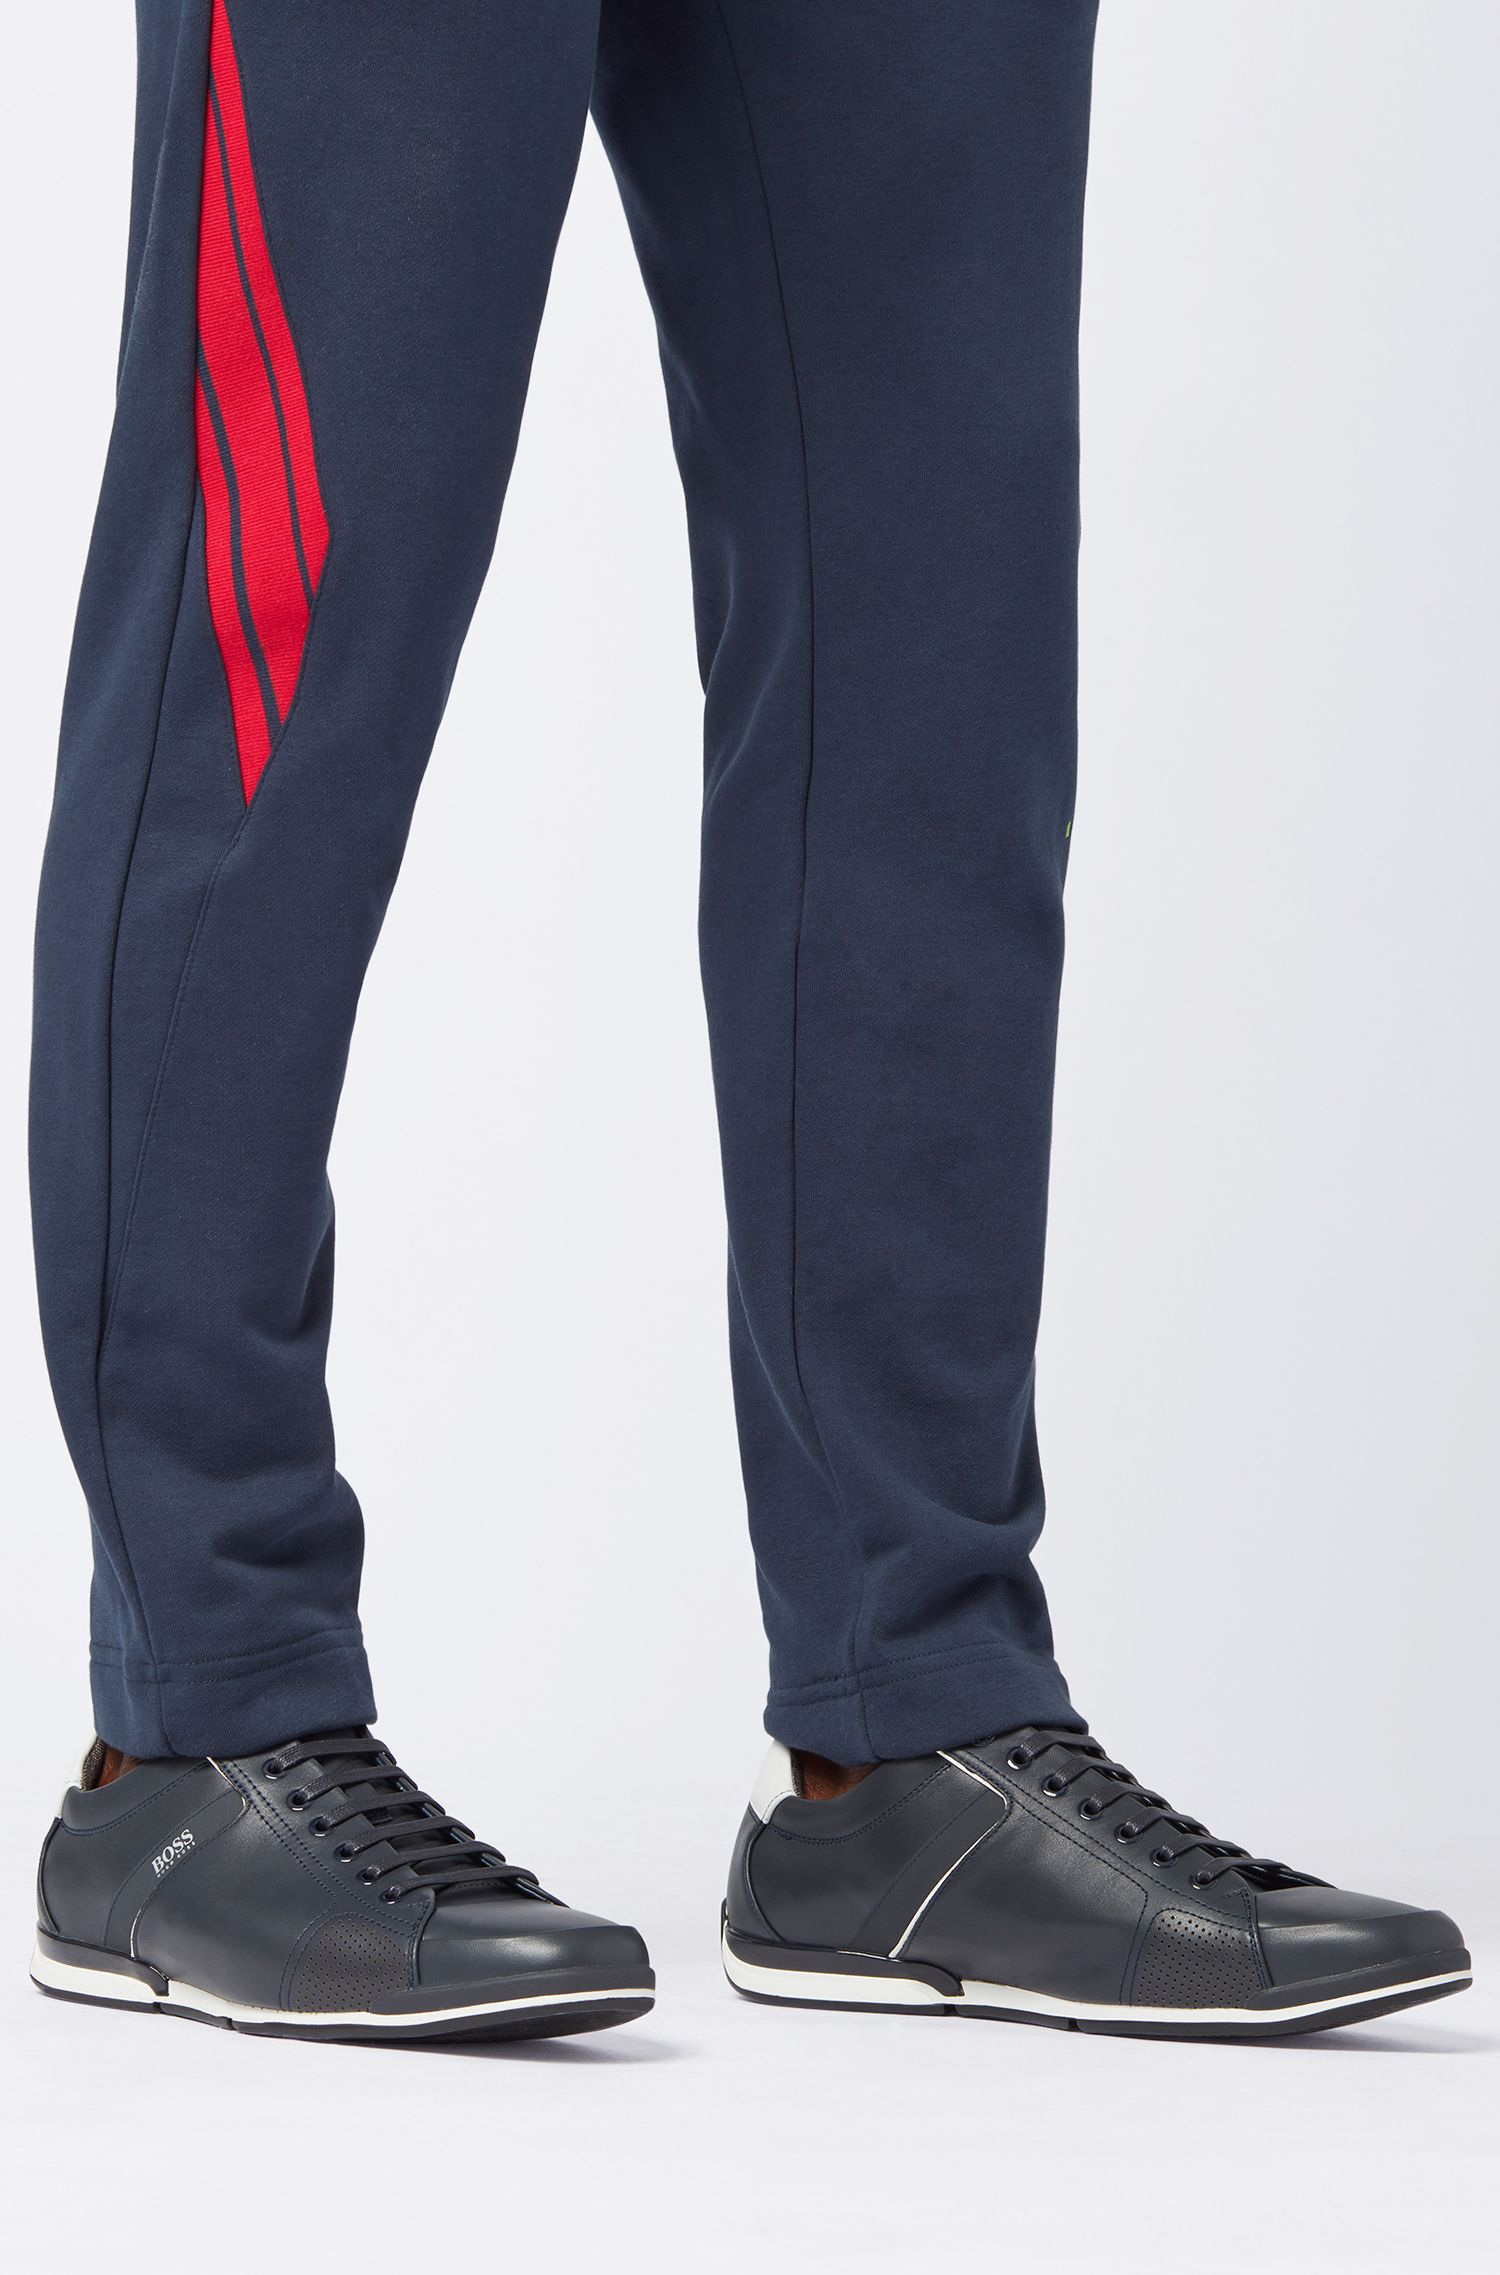 Lowtop Sneakers aus Leder mit thermofixierten Details, Dunkelblau